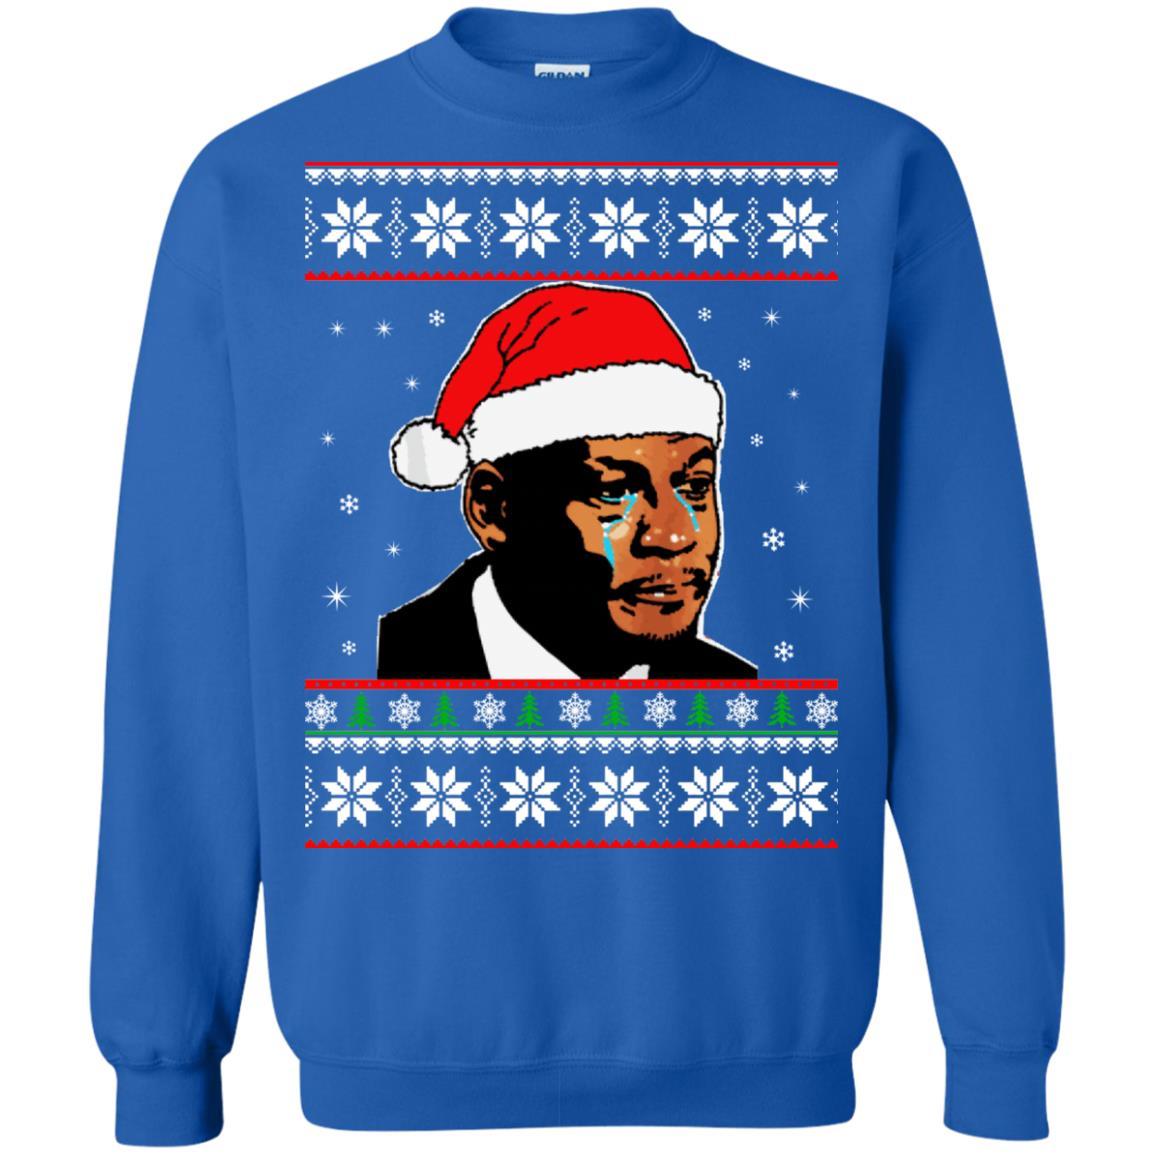 image 2672 - Crying Jordan Christmas Sweater, Christmas Jordan Ugly Sweatshirt